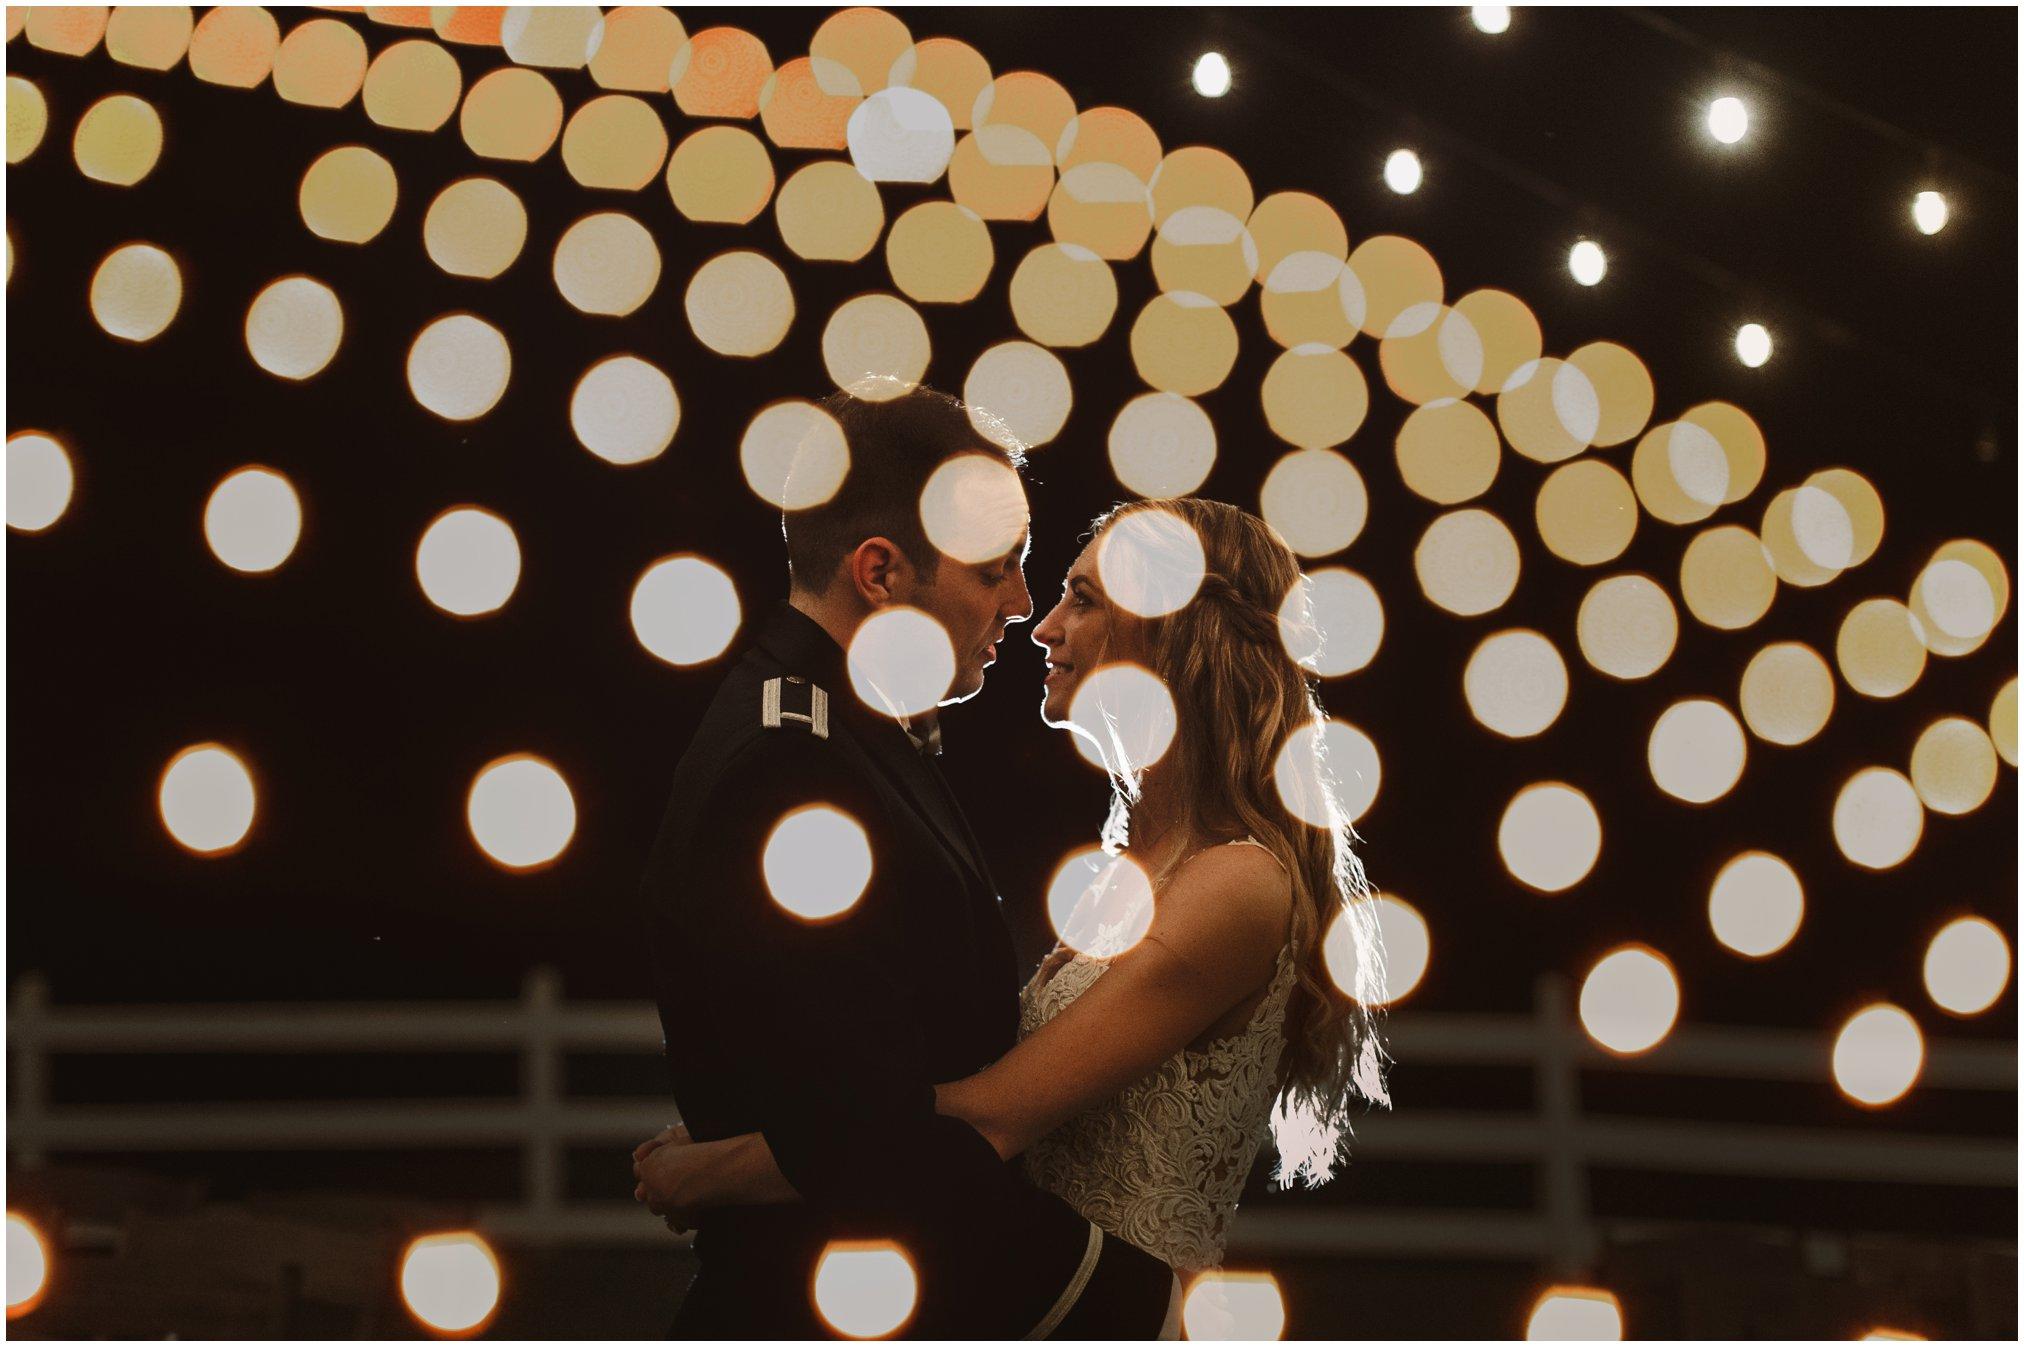 Annapolis Wedding Photographer, Kate Ann Photography, Timberlake Farm, Timberlake Farm Wedding, Annapolis Bride, Earthy Farm Wedding, Boho Farm Wedding, Outdoor Wedding Reception, Creative Baltimore Wedding Photographer